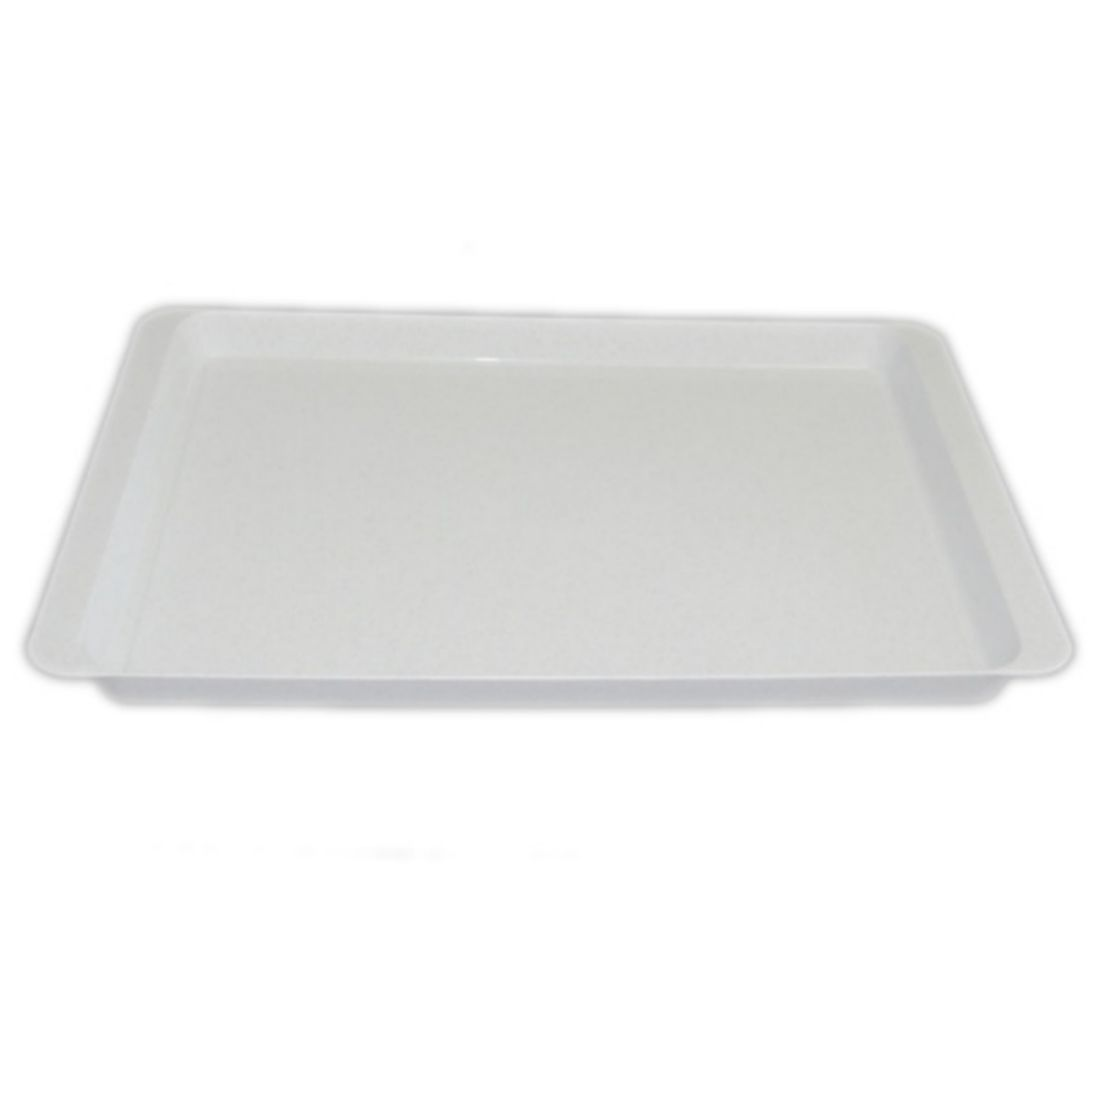 Podnos jídelní 36x51 cm